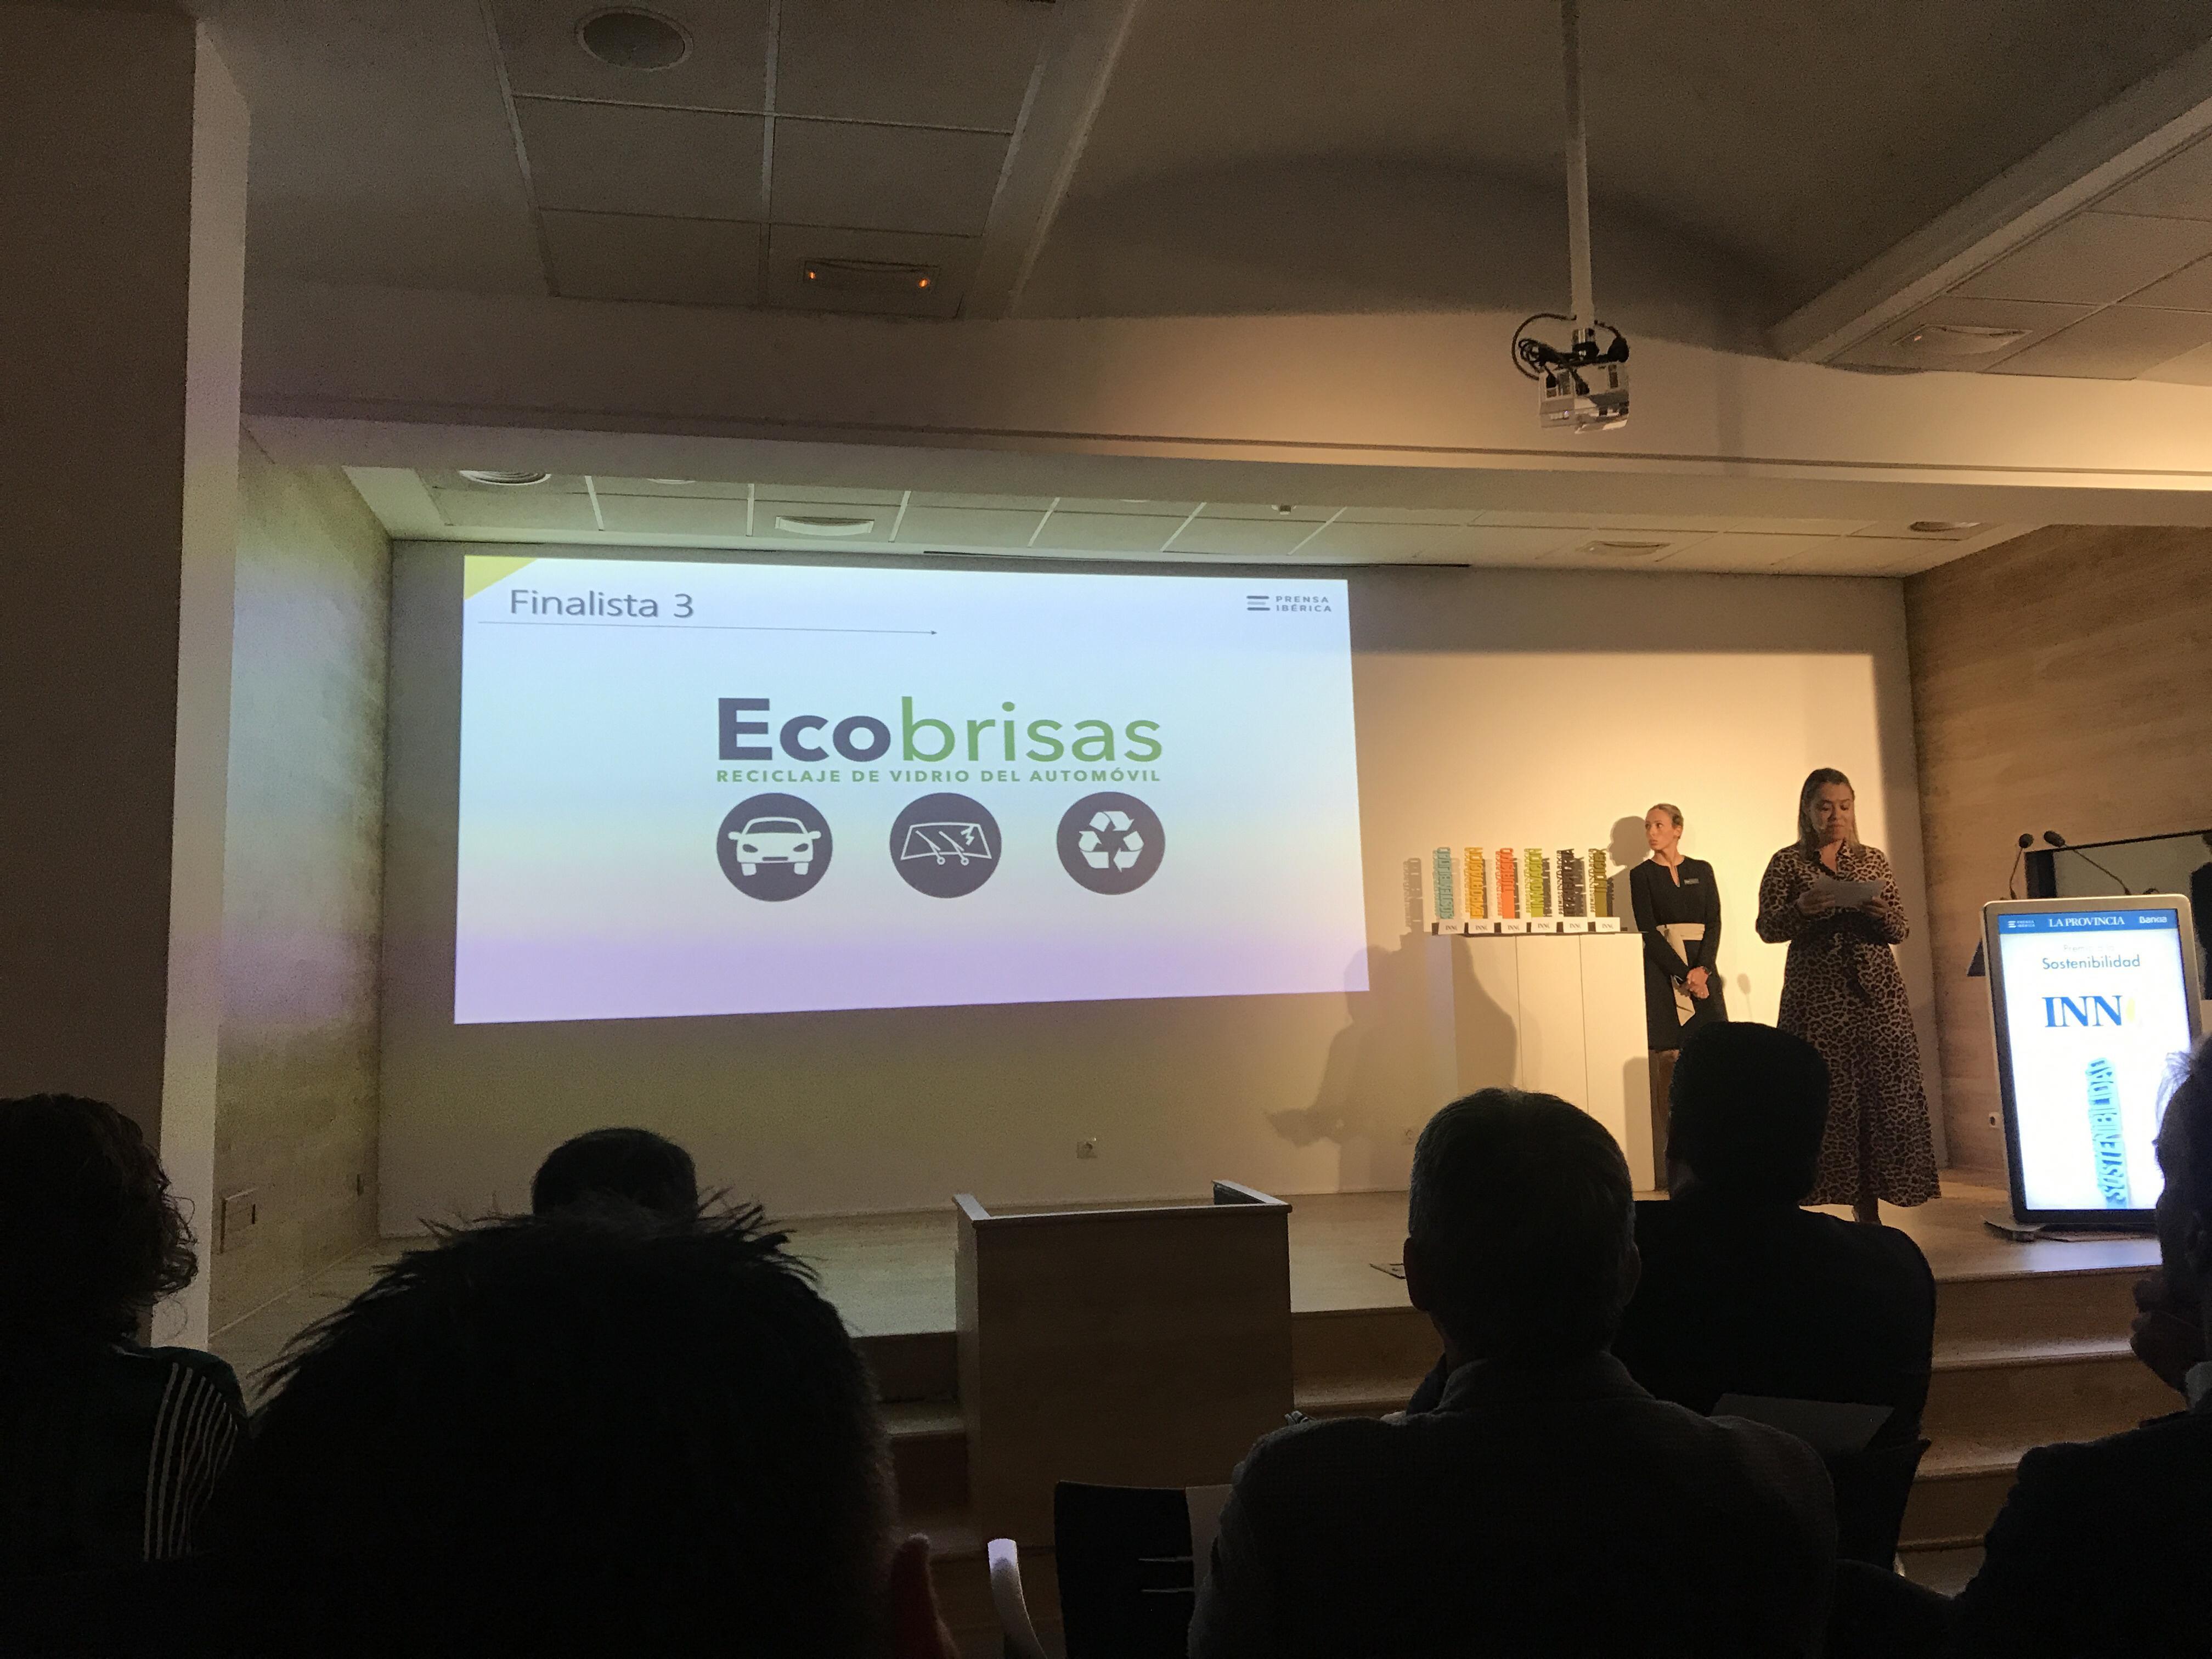 Ecobrisas finalista en los premios a la innovación Innobankia